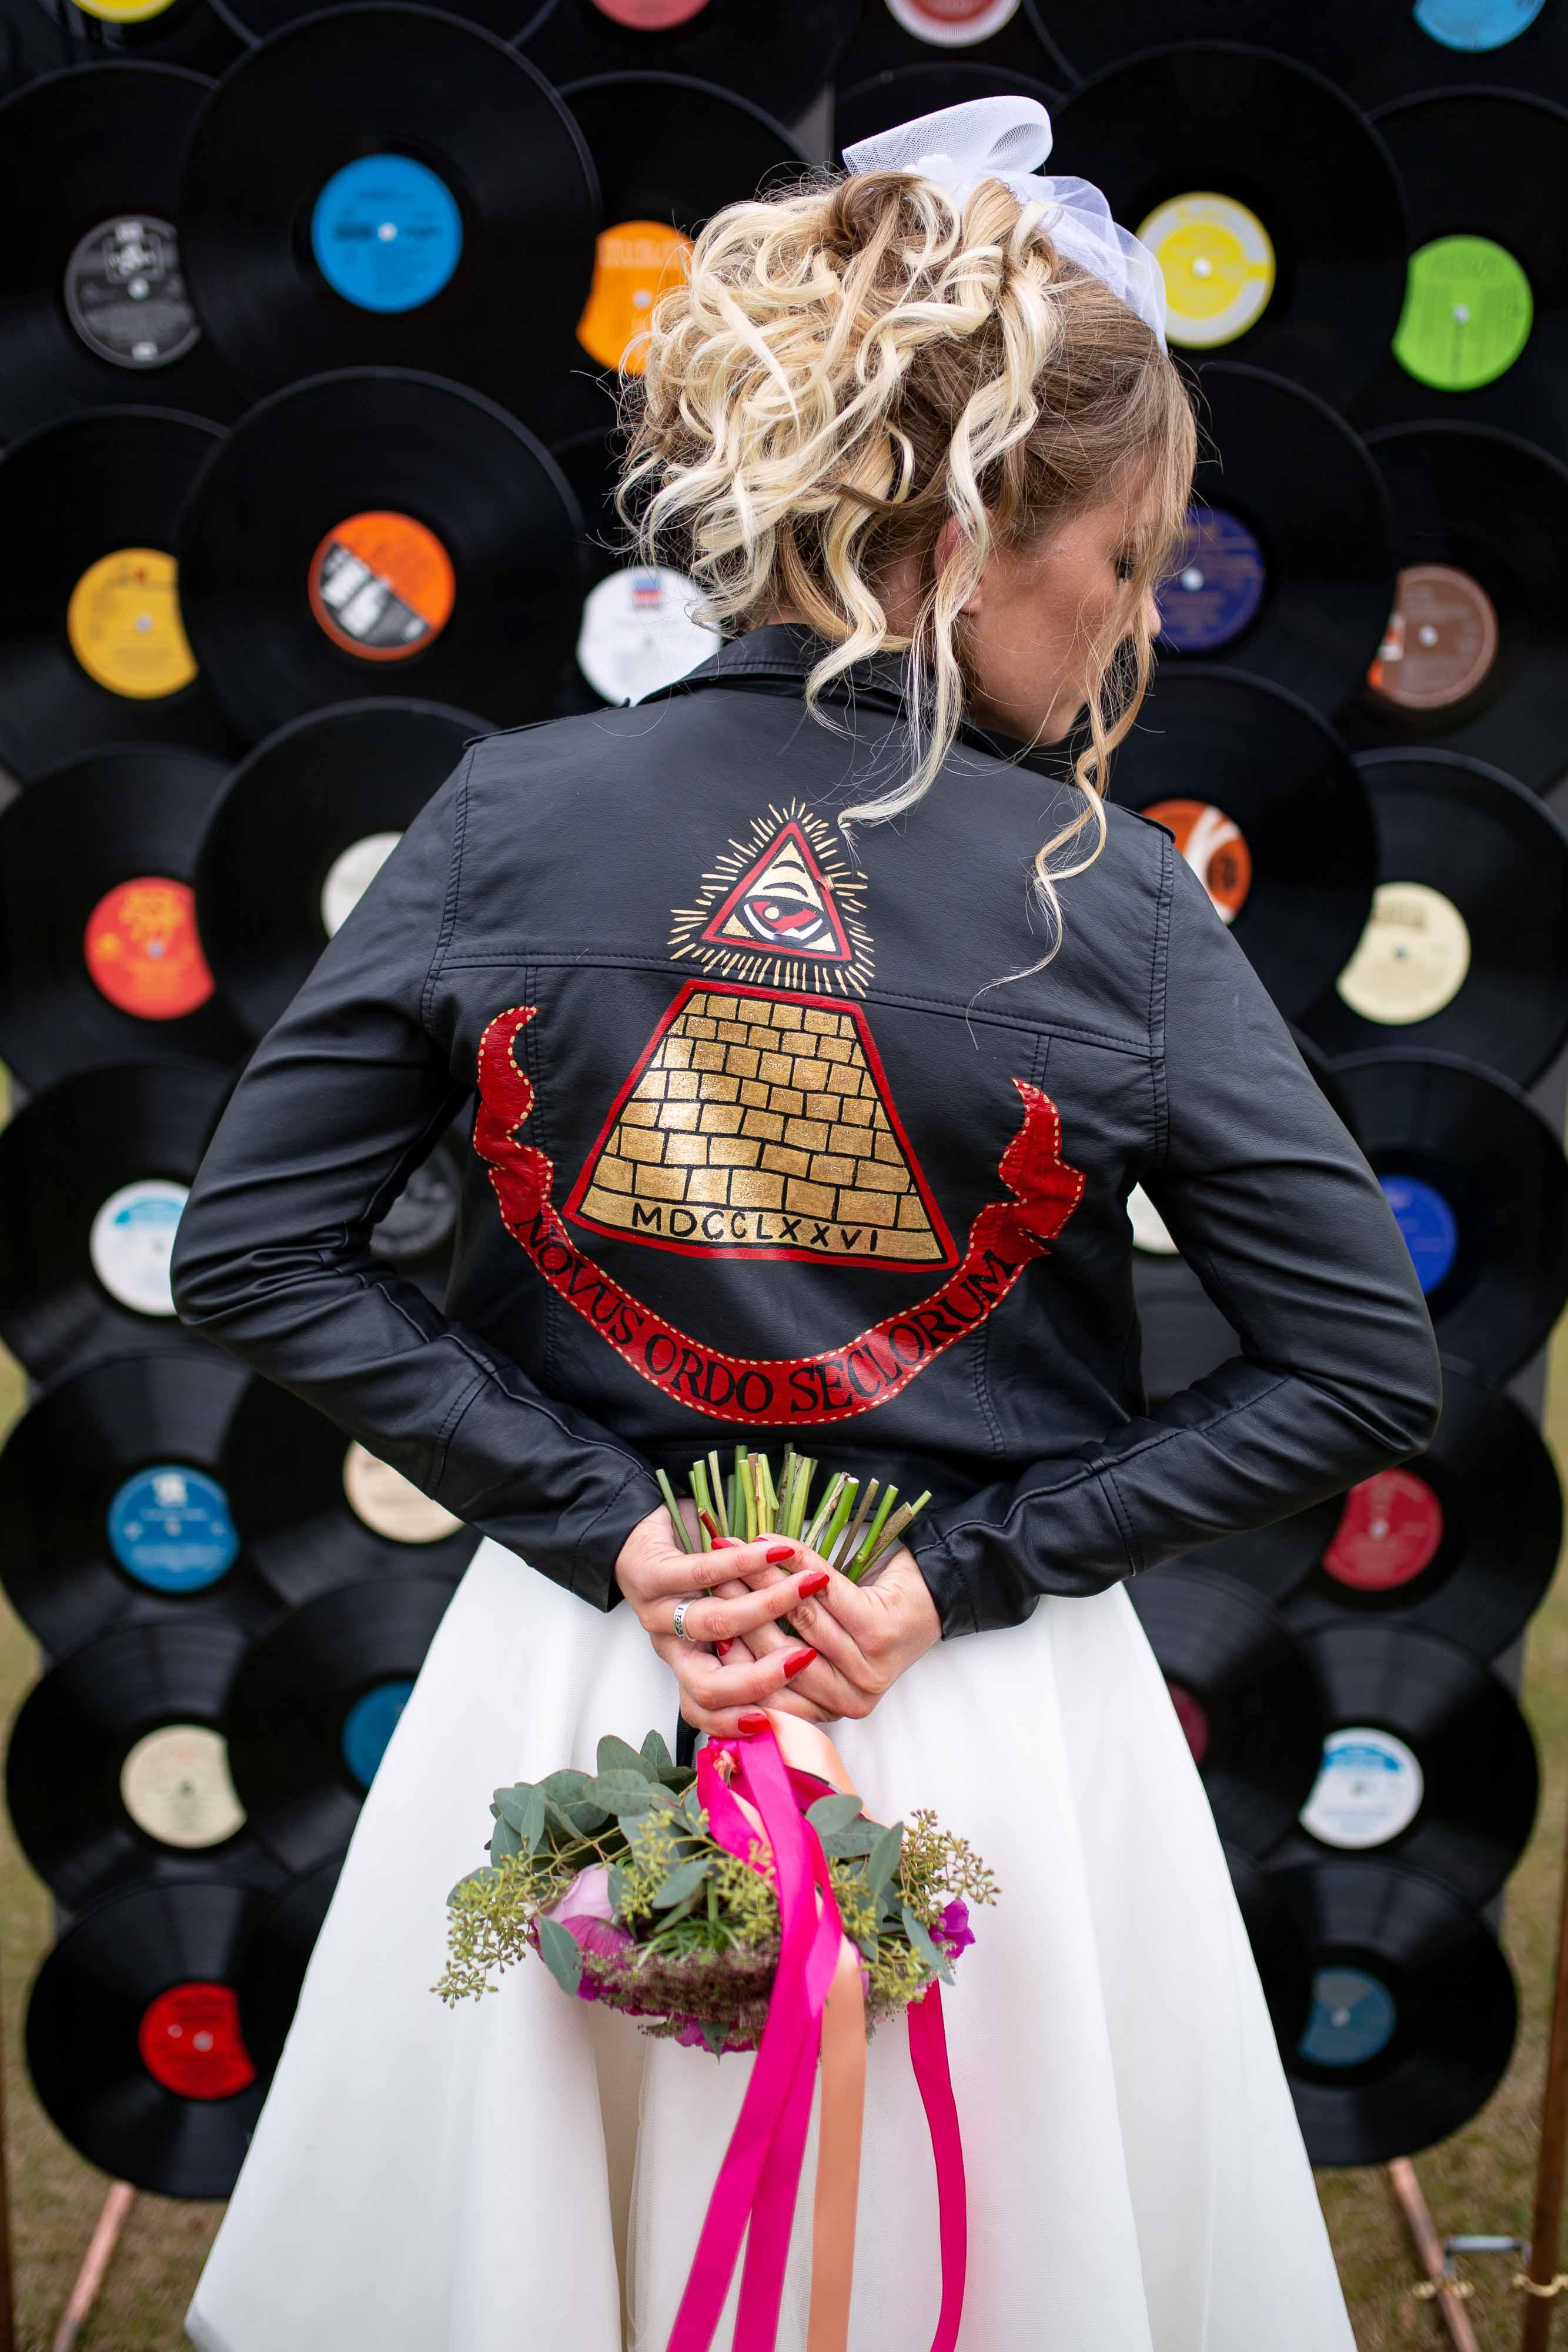 iconic wedding looks- music themed wedding- unconventional wedding- alternative wedding- madonna wedding dress- wedding leather jacket- hand painted leather jacket